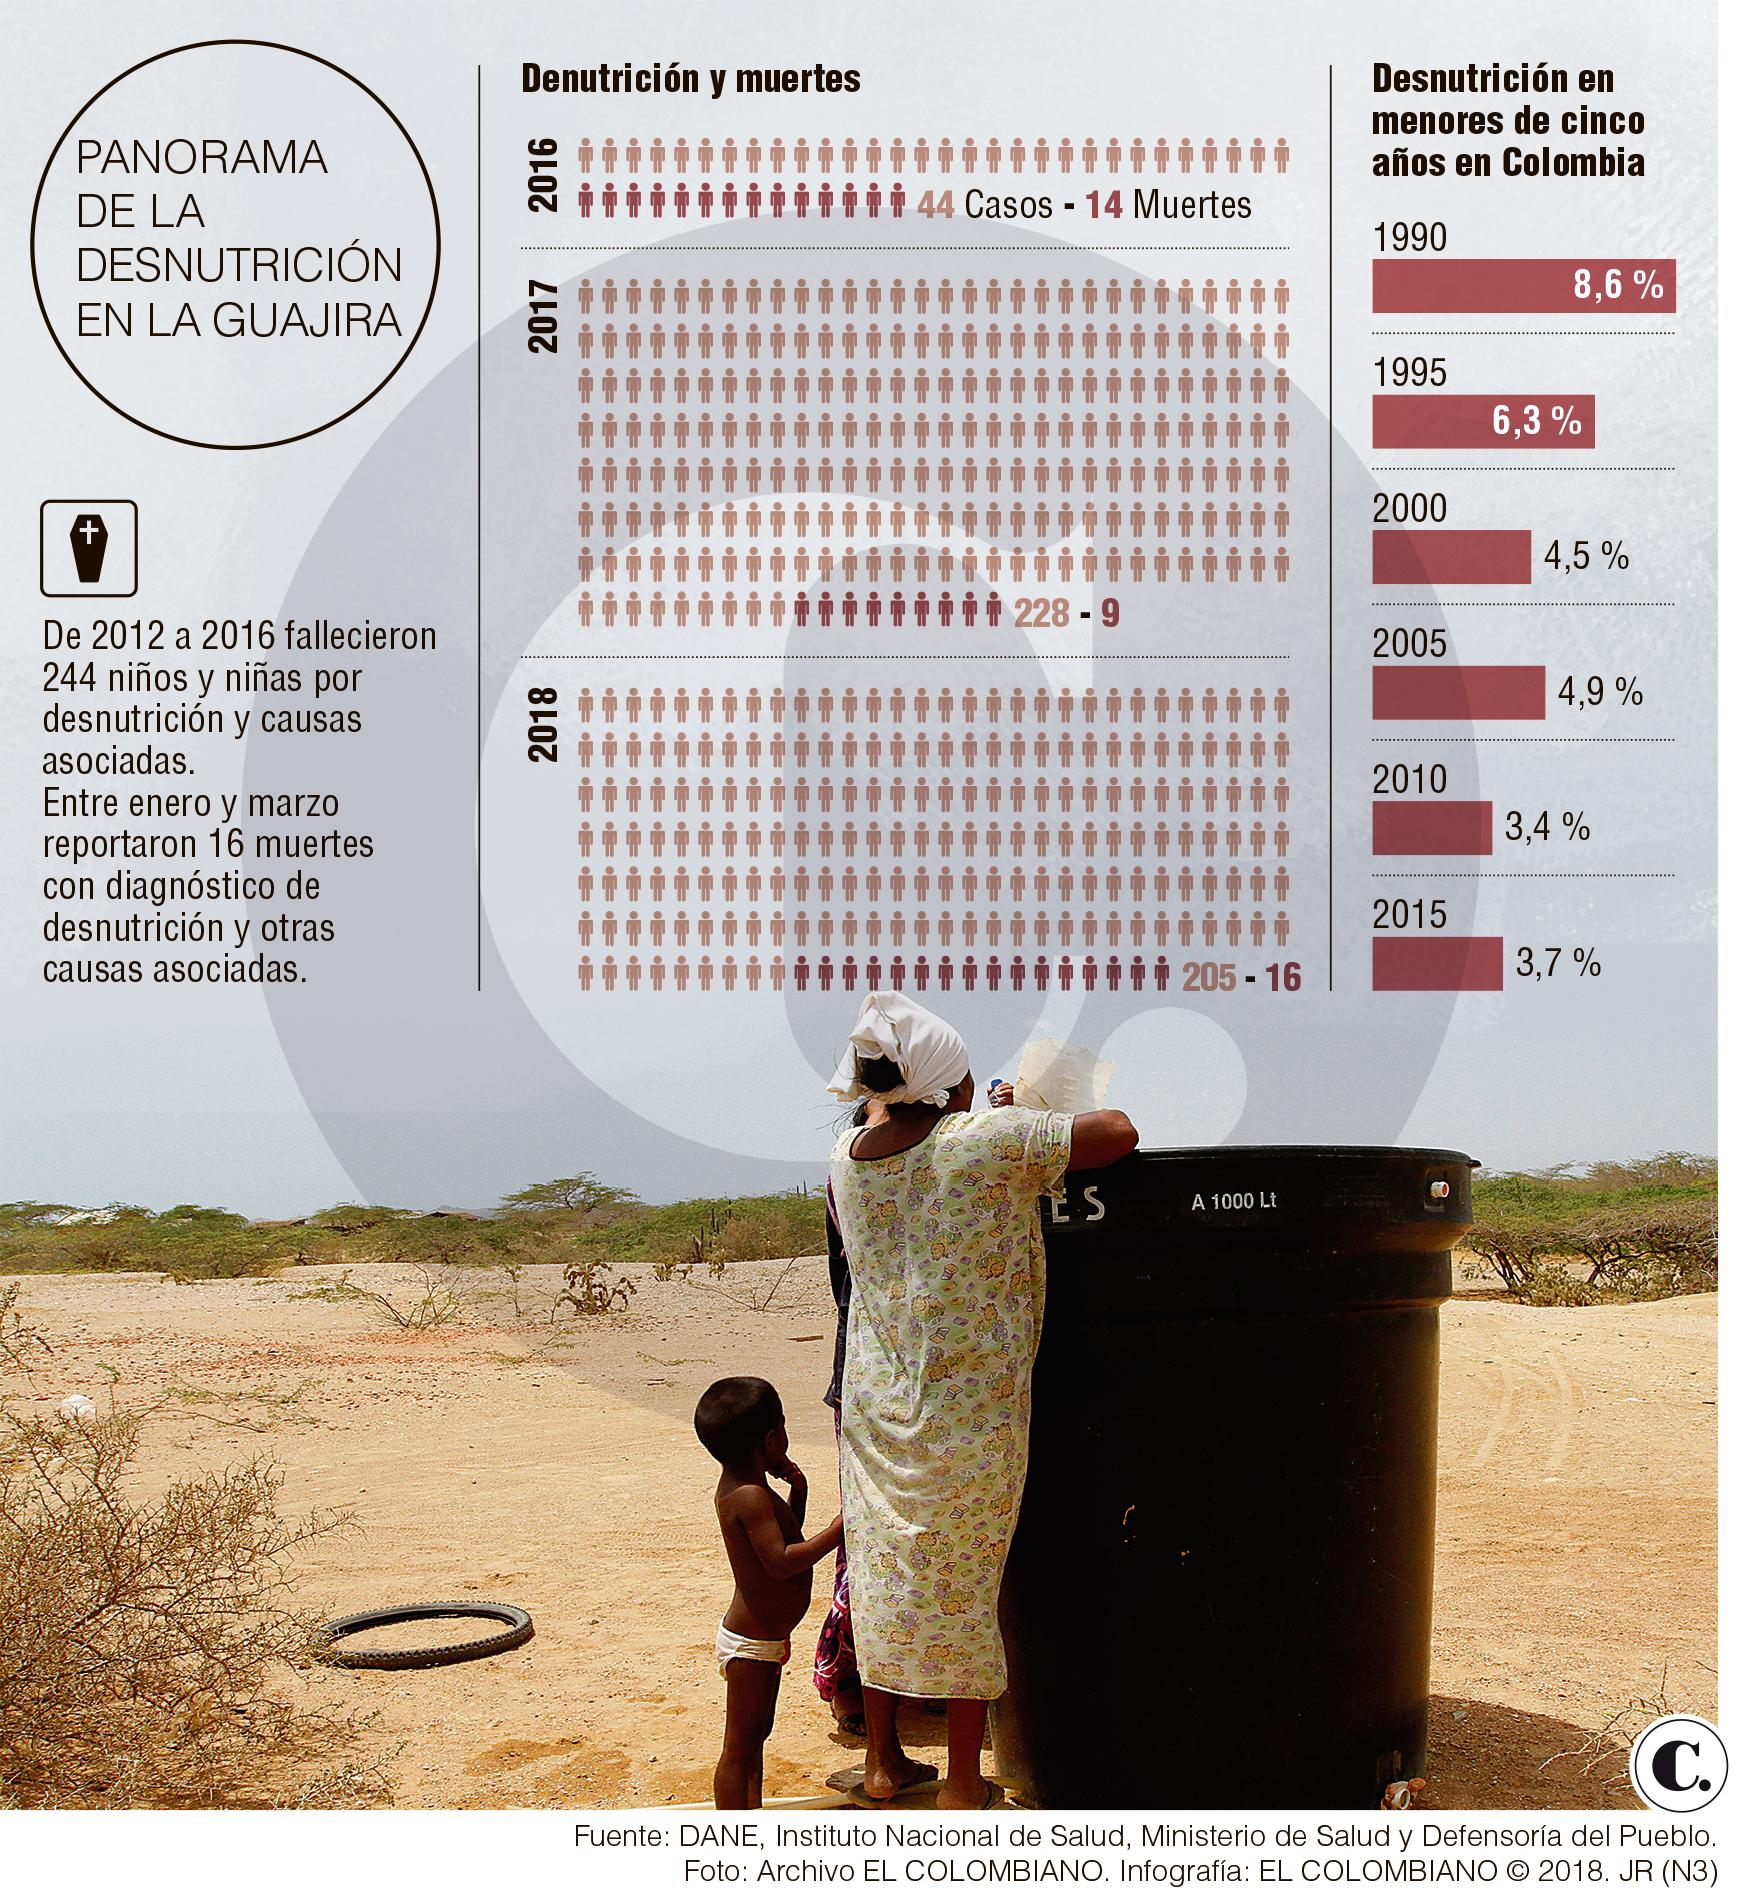 En La Guajira sobran promesas, pero faltan hechos contundentes